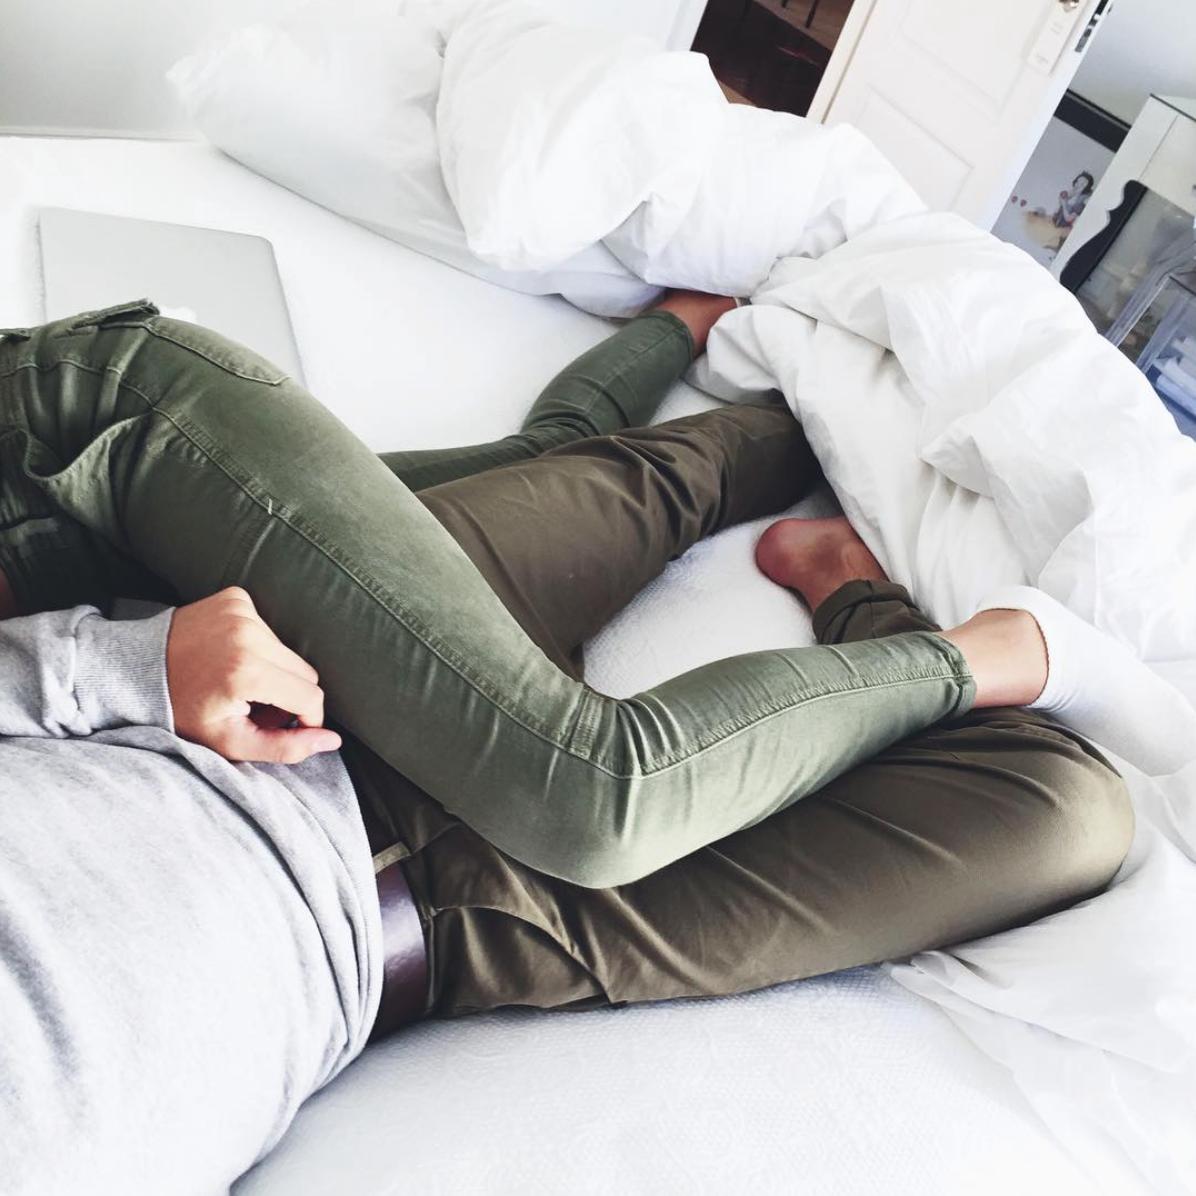 Картинки парень и девушка лежат без лица